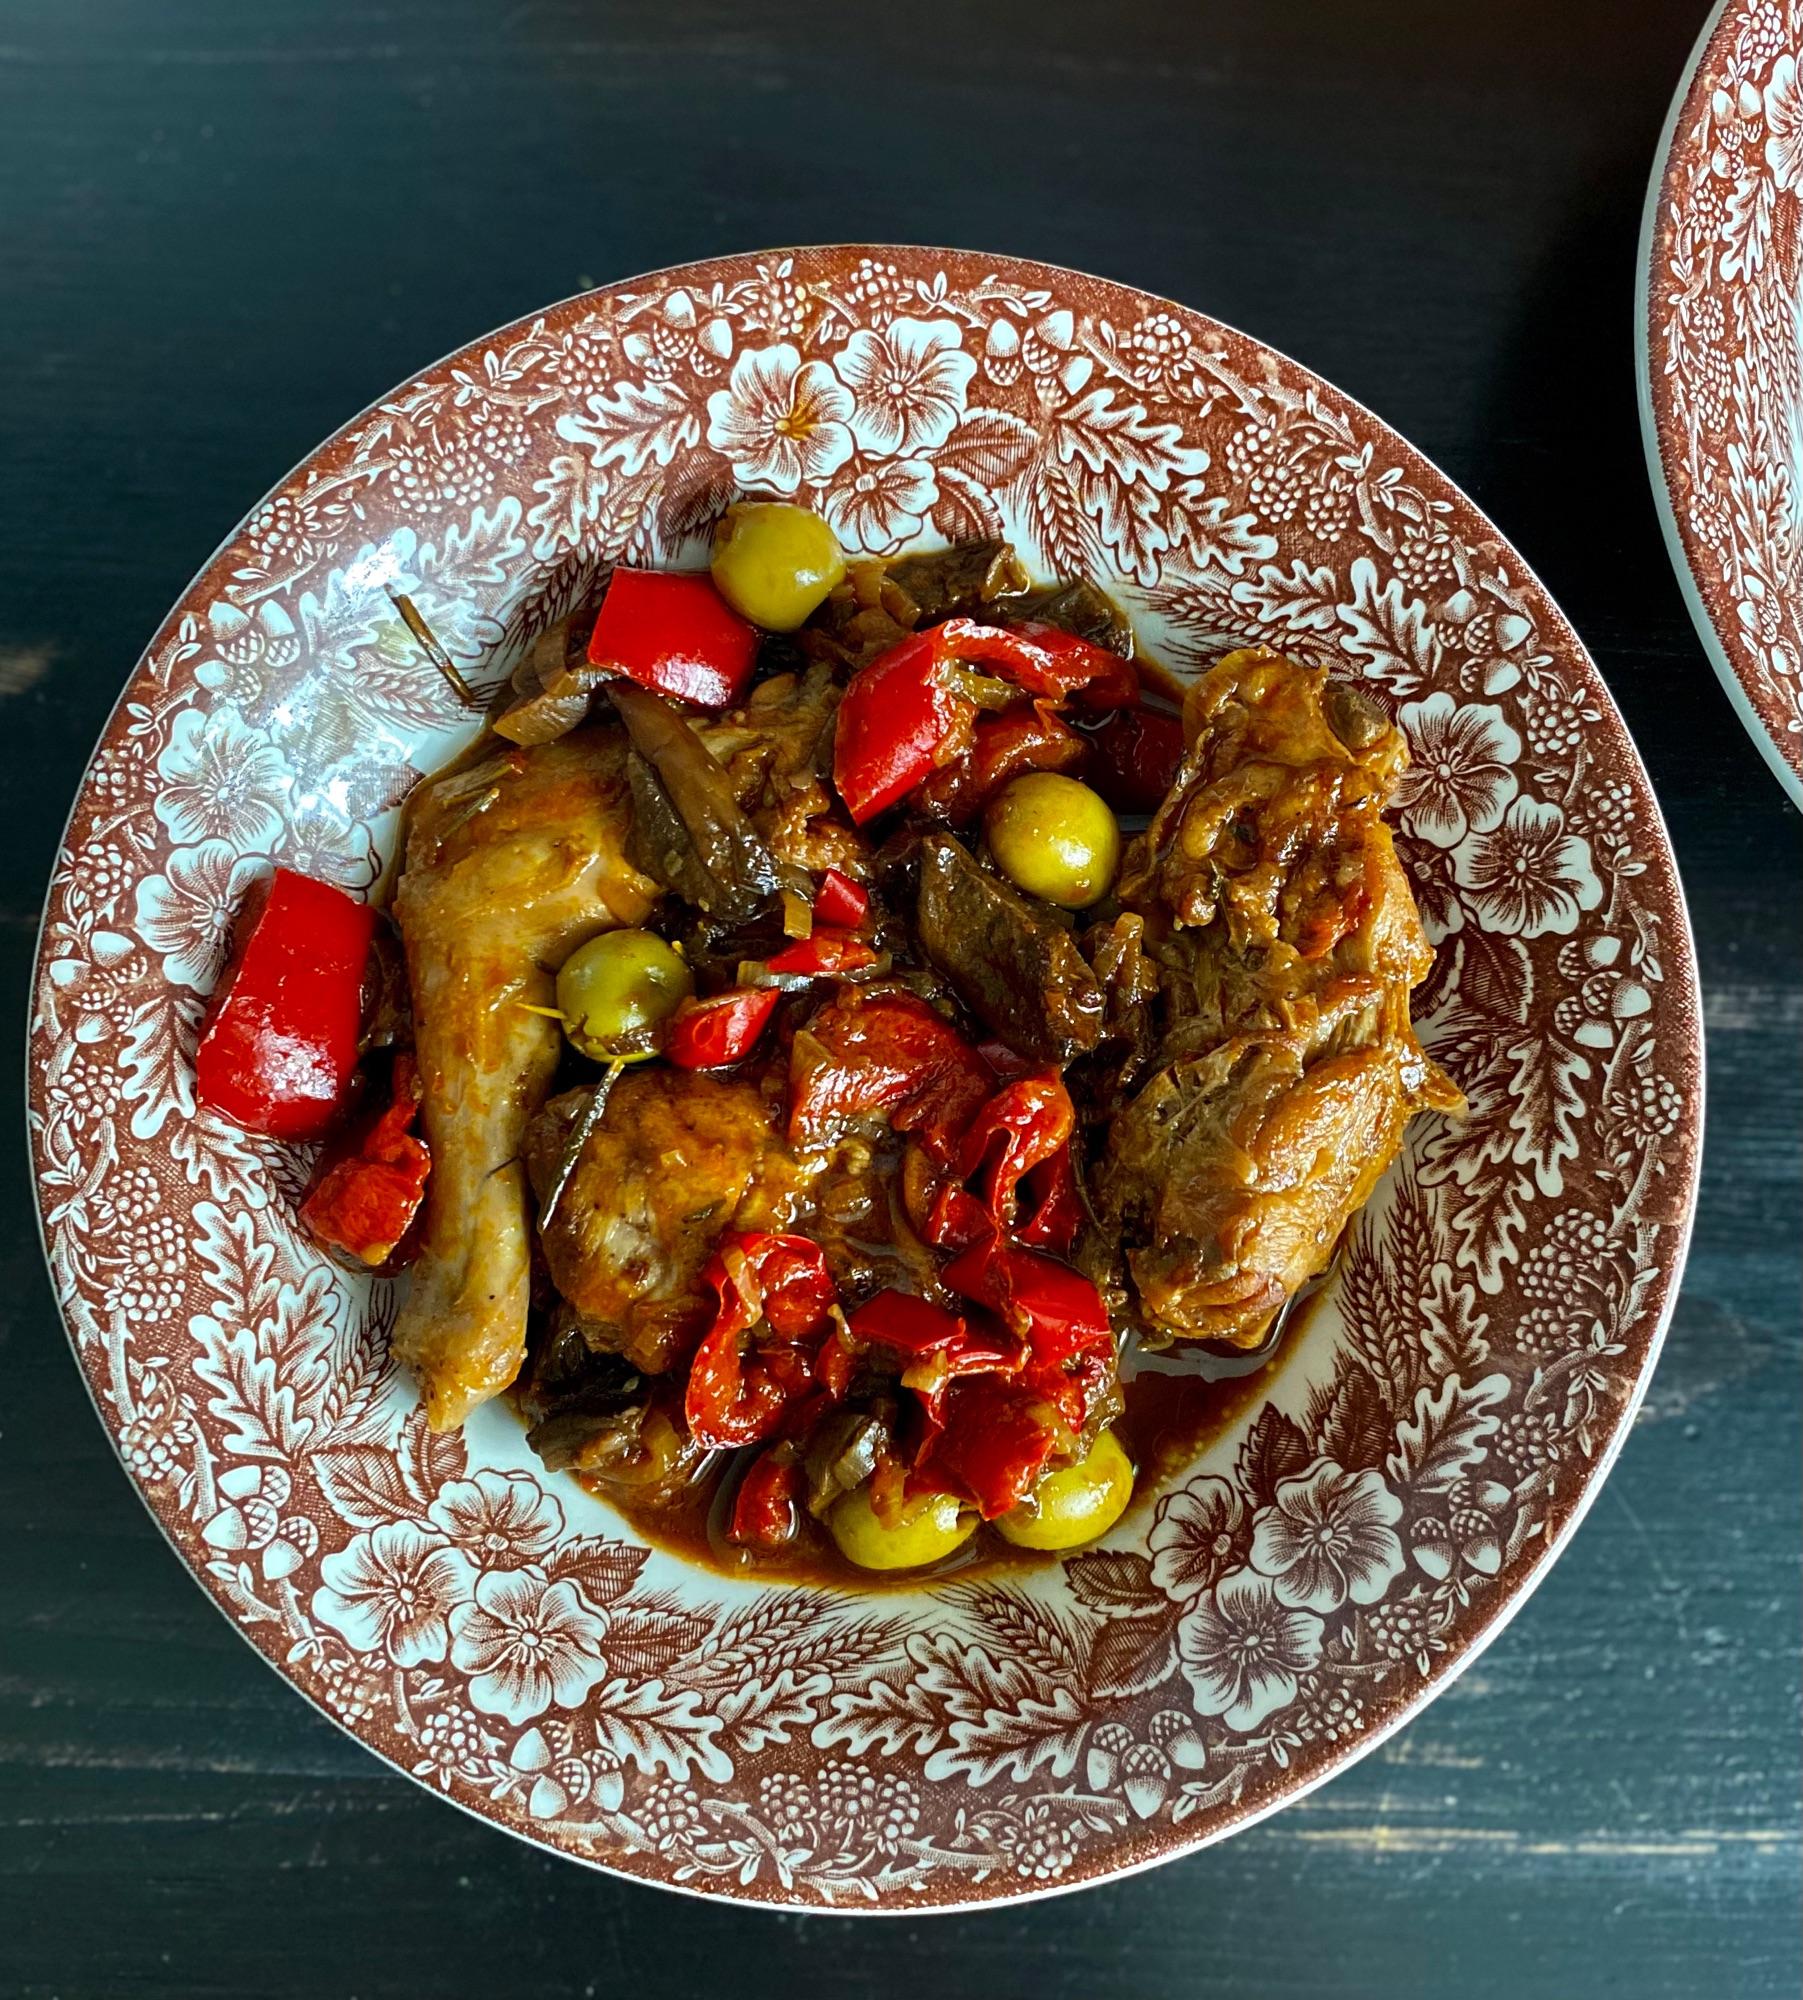 На манер каччиаторе. Это блюдо есть в Италии во многих региональных кухнях, да и французкая курица по - провански очень похожа. Вариаций рецептов множество, с красным вином, с белым, и как у меня сегодня вовсе без вина, но очень вкусно..